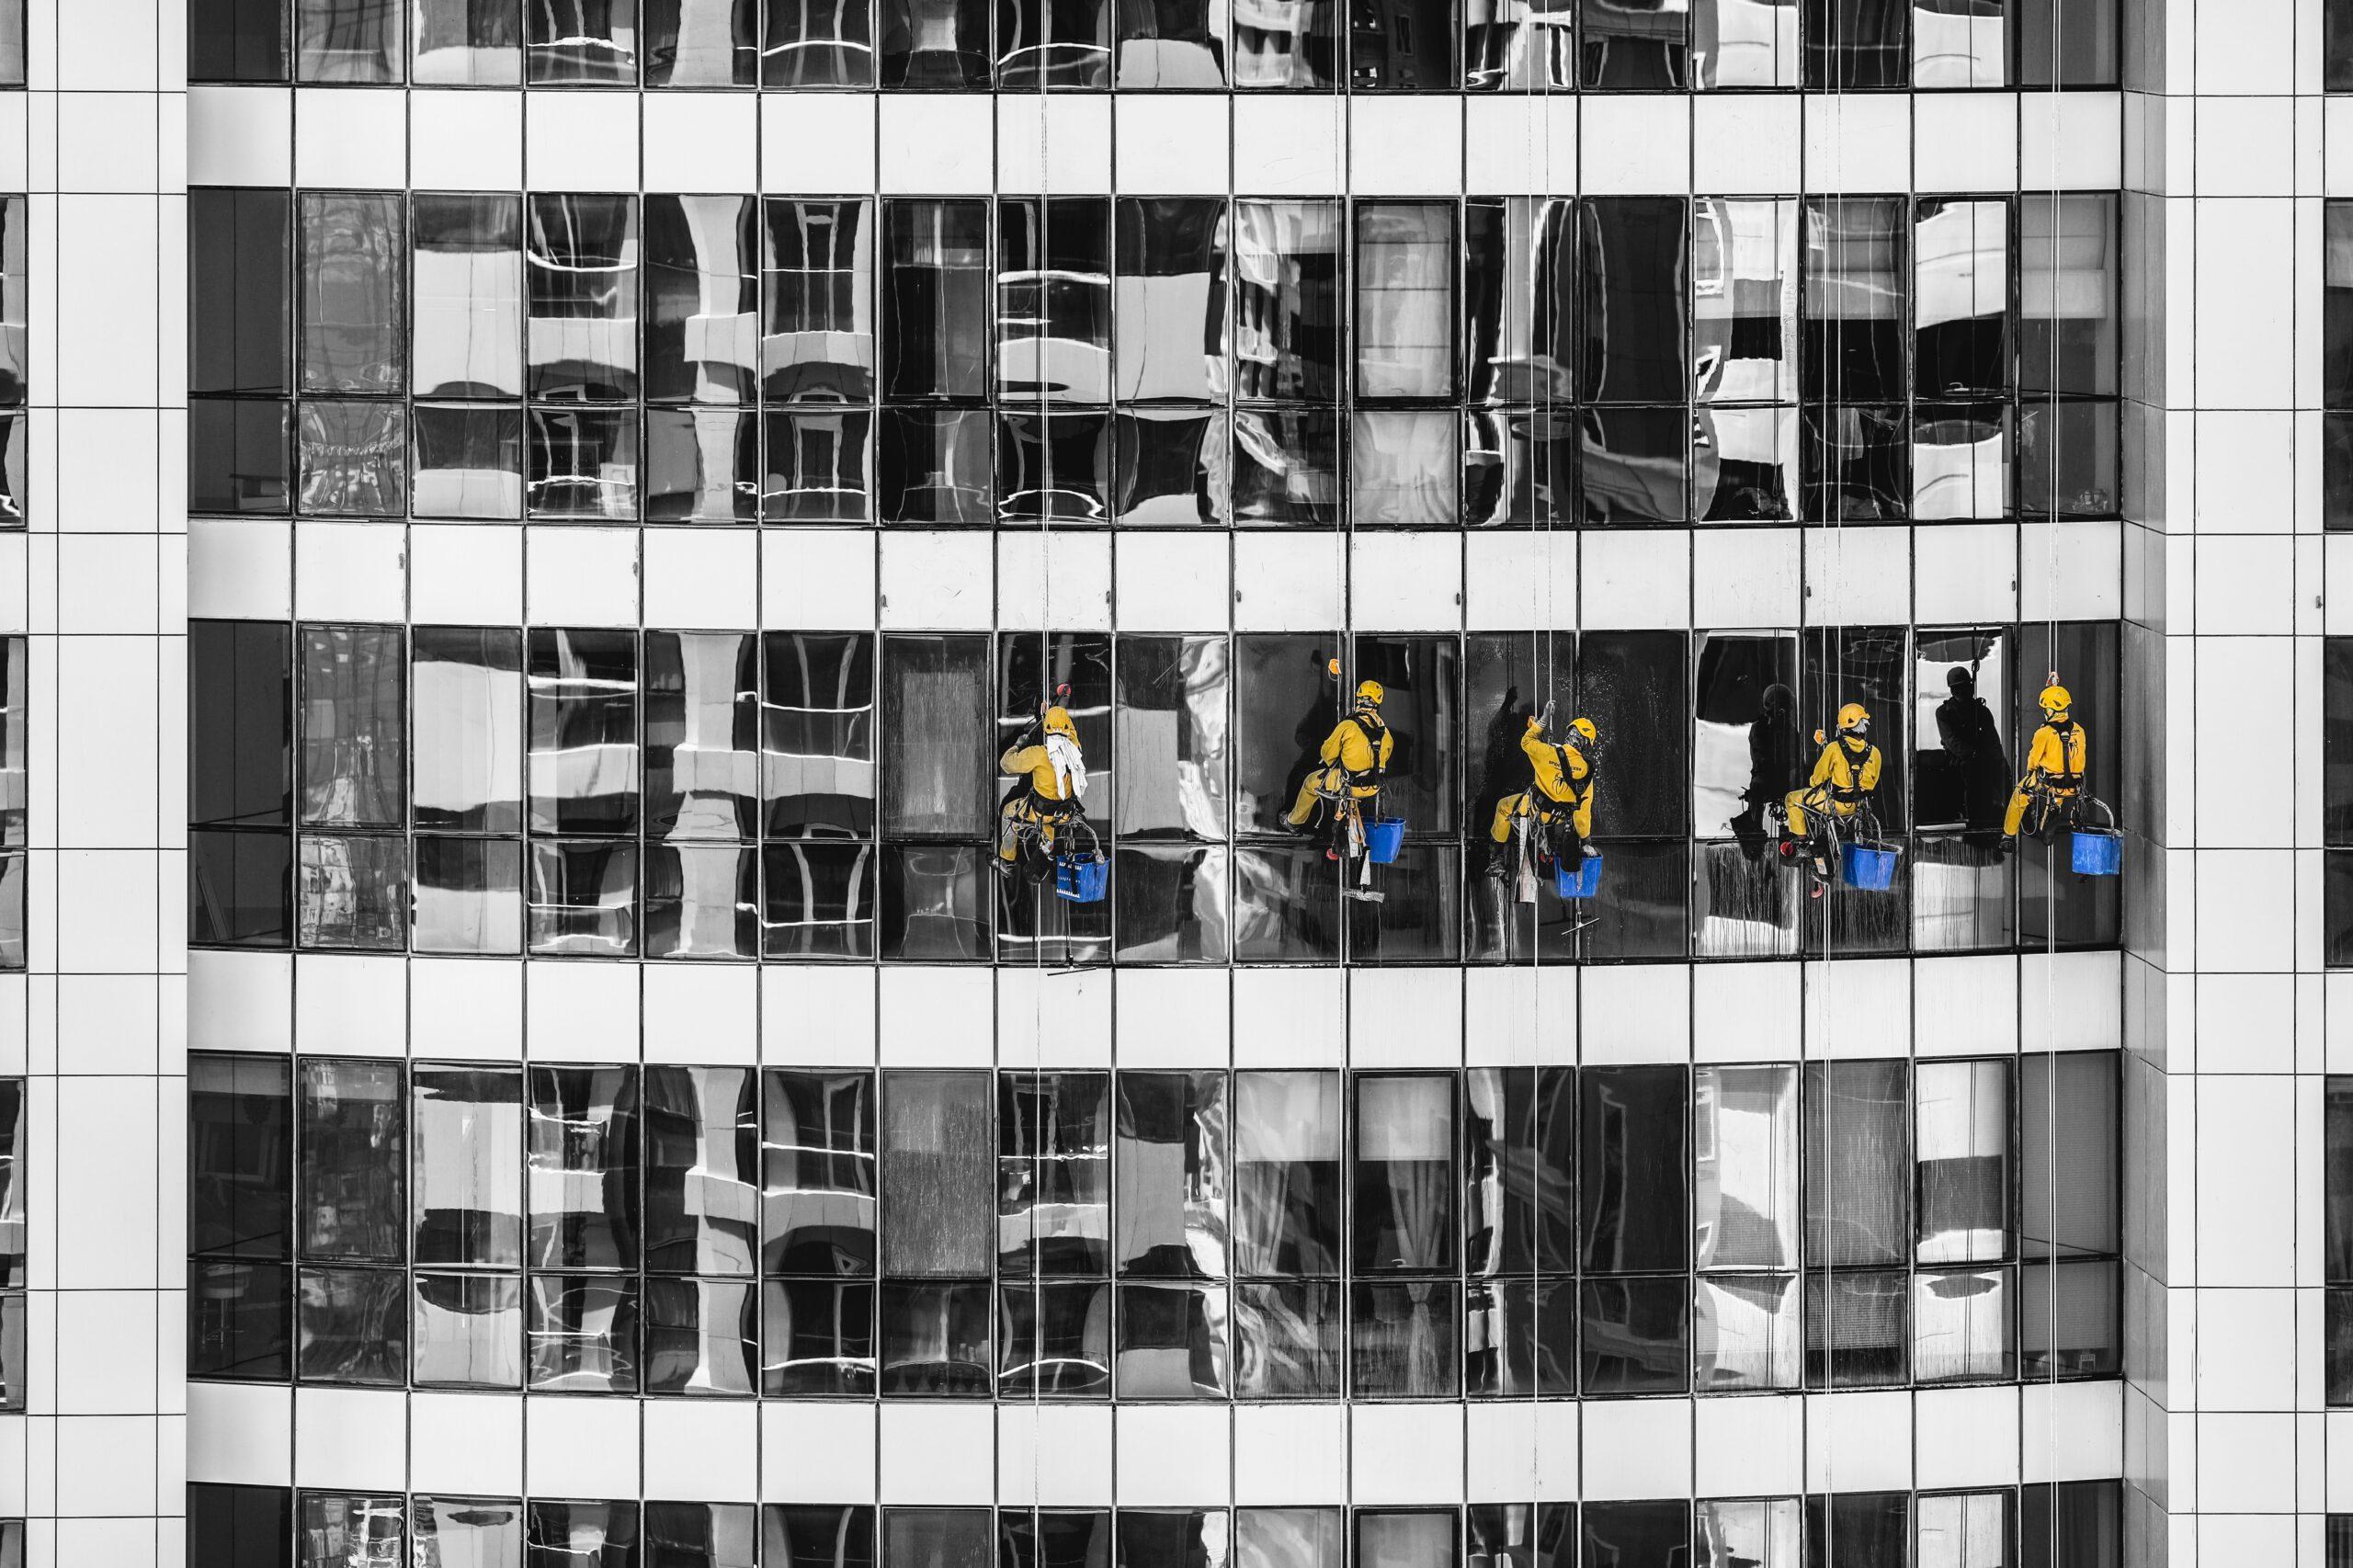 прекариат в россии, мужчины моют окна